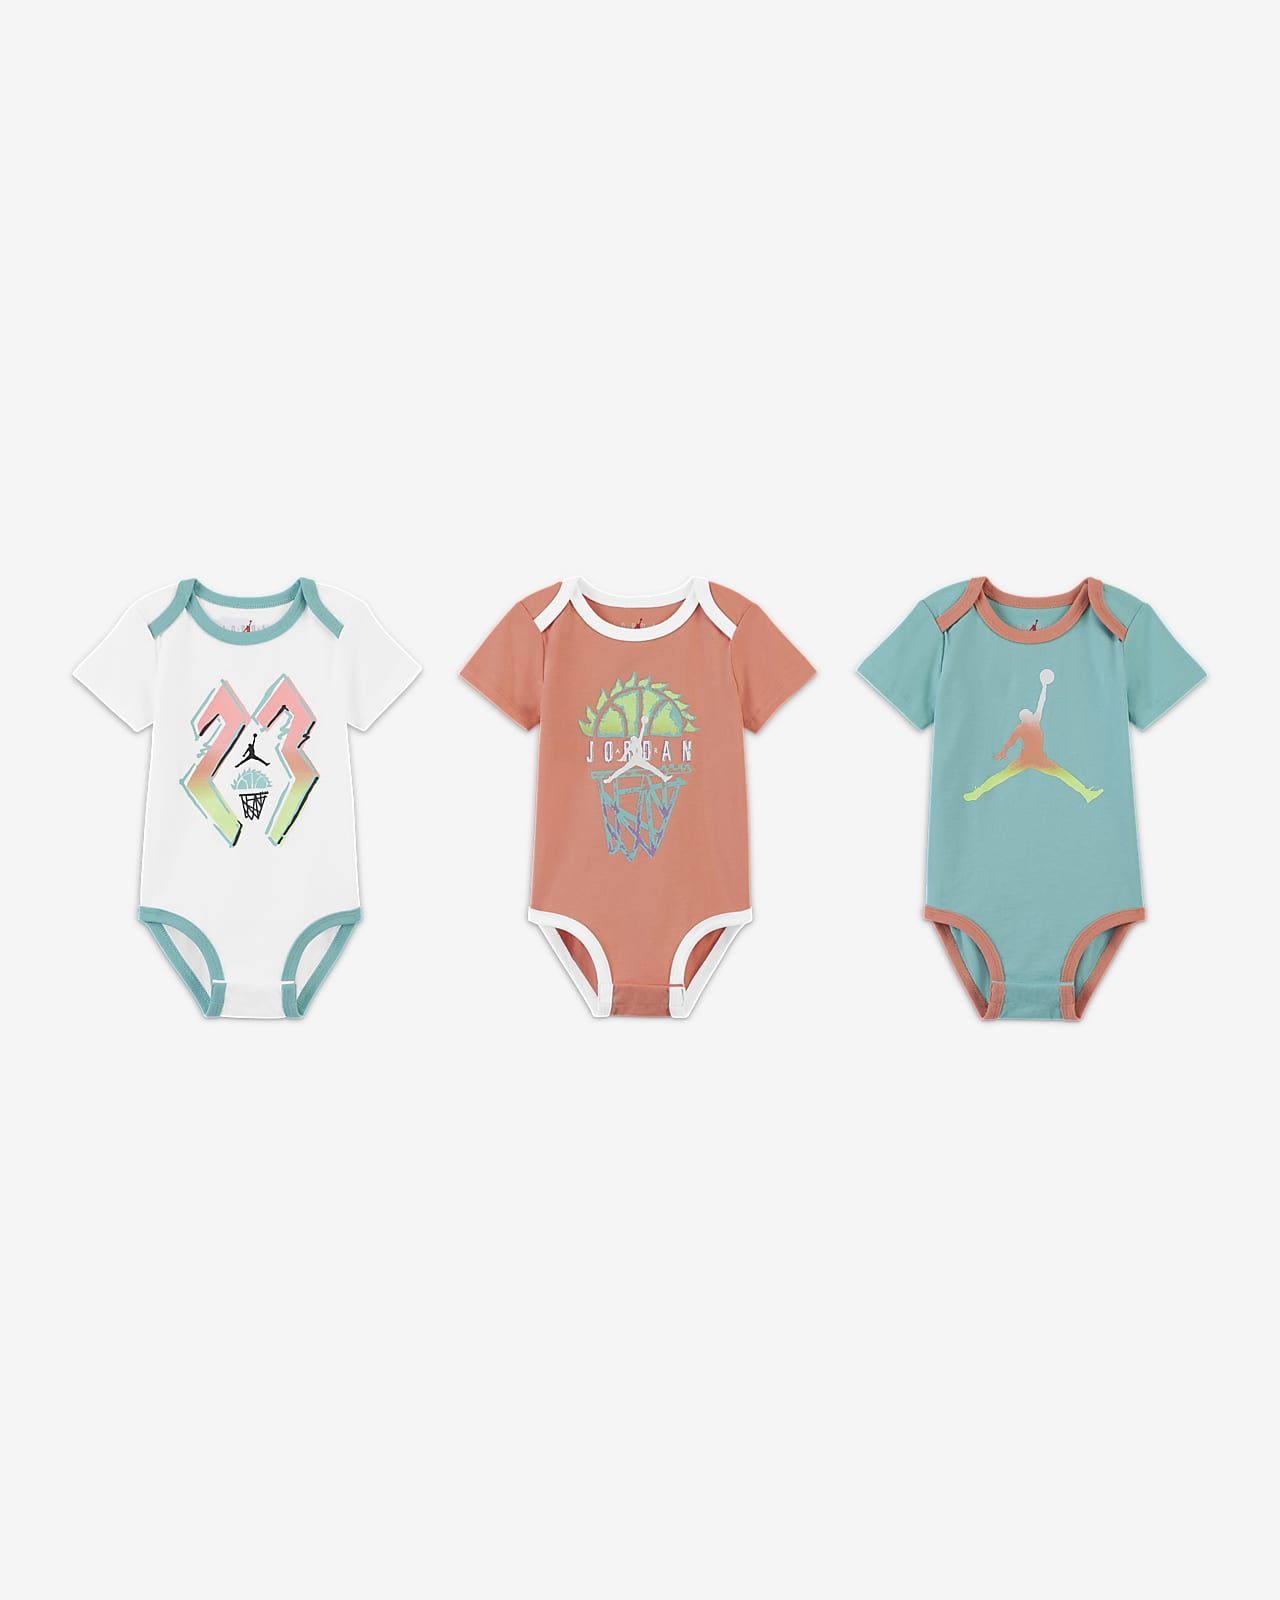 Jordan 婴童连体衣(3 件)